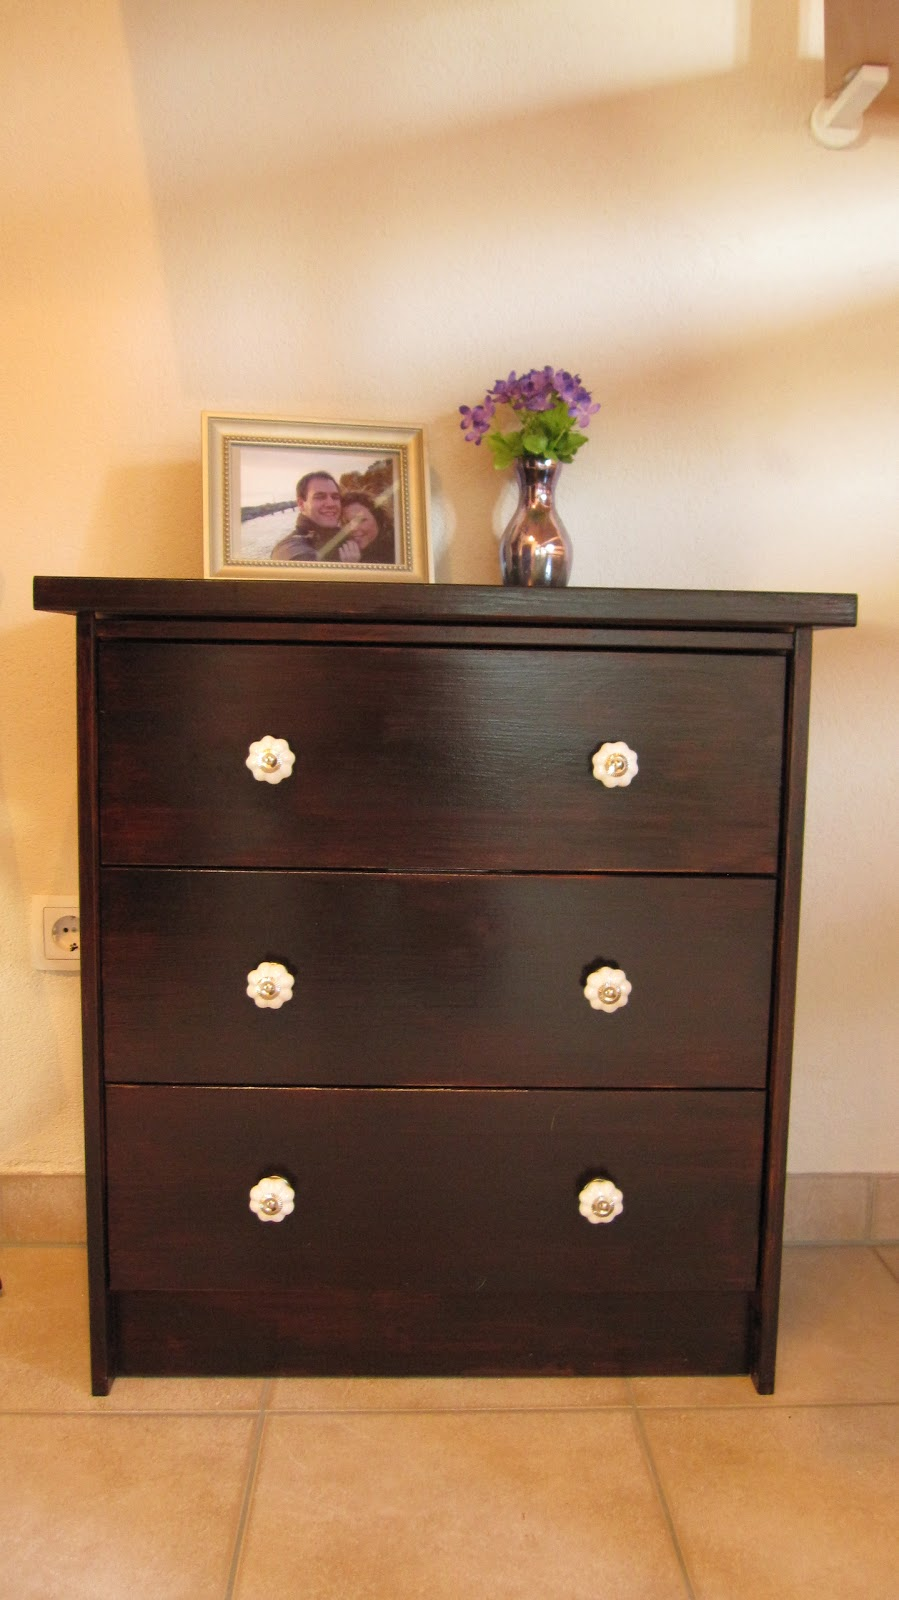 kleines gelbes haus porzellankn pfe. Black Bedroom Furniture Sets. Home Design Ideas